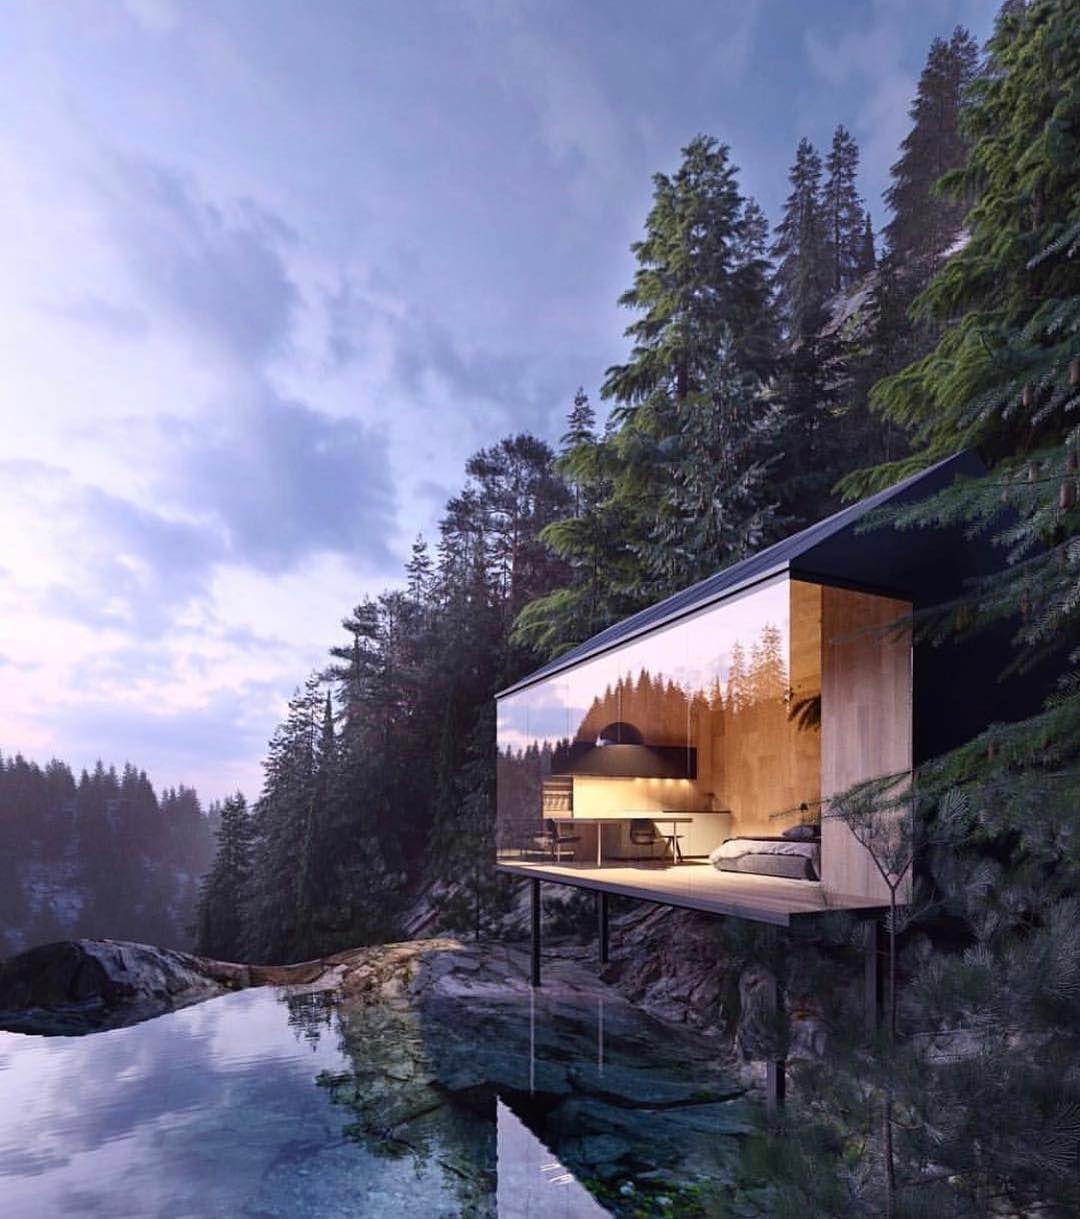 Maison Bois Architecte Pas Cher Épinglé sur formes.architecture